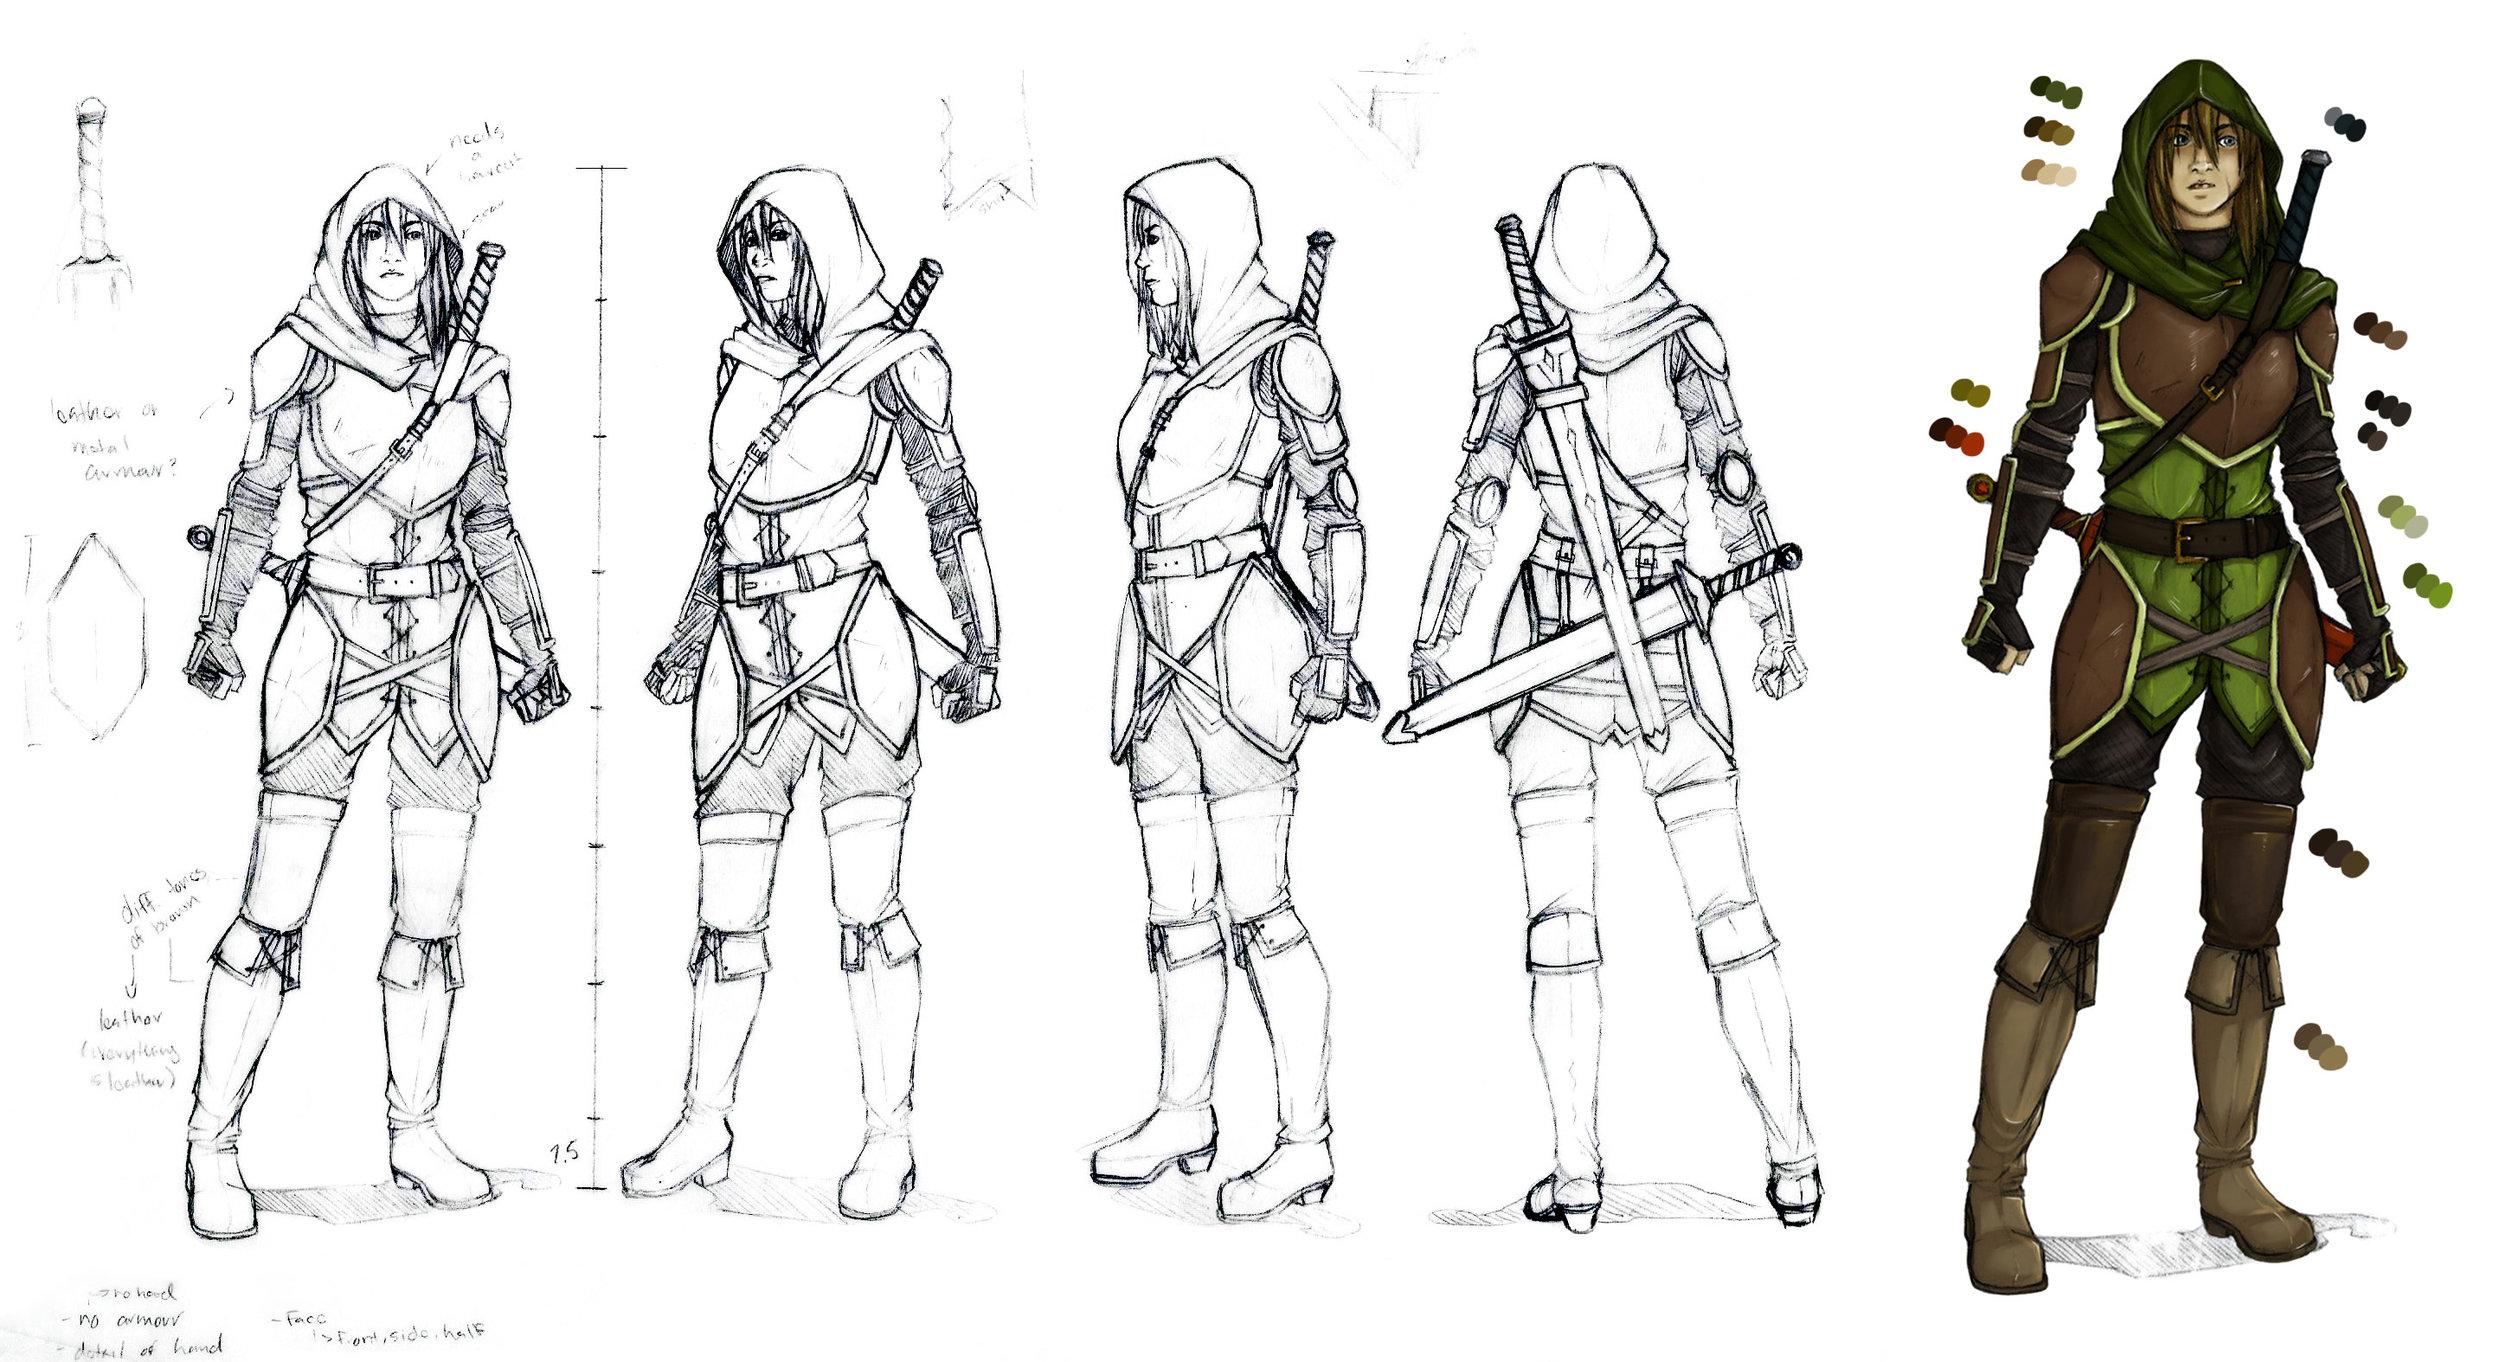 Image 8 - Character Sheet.jpg